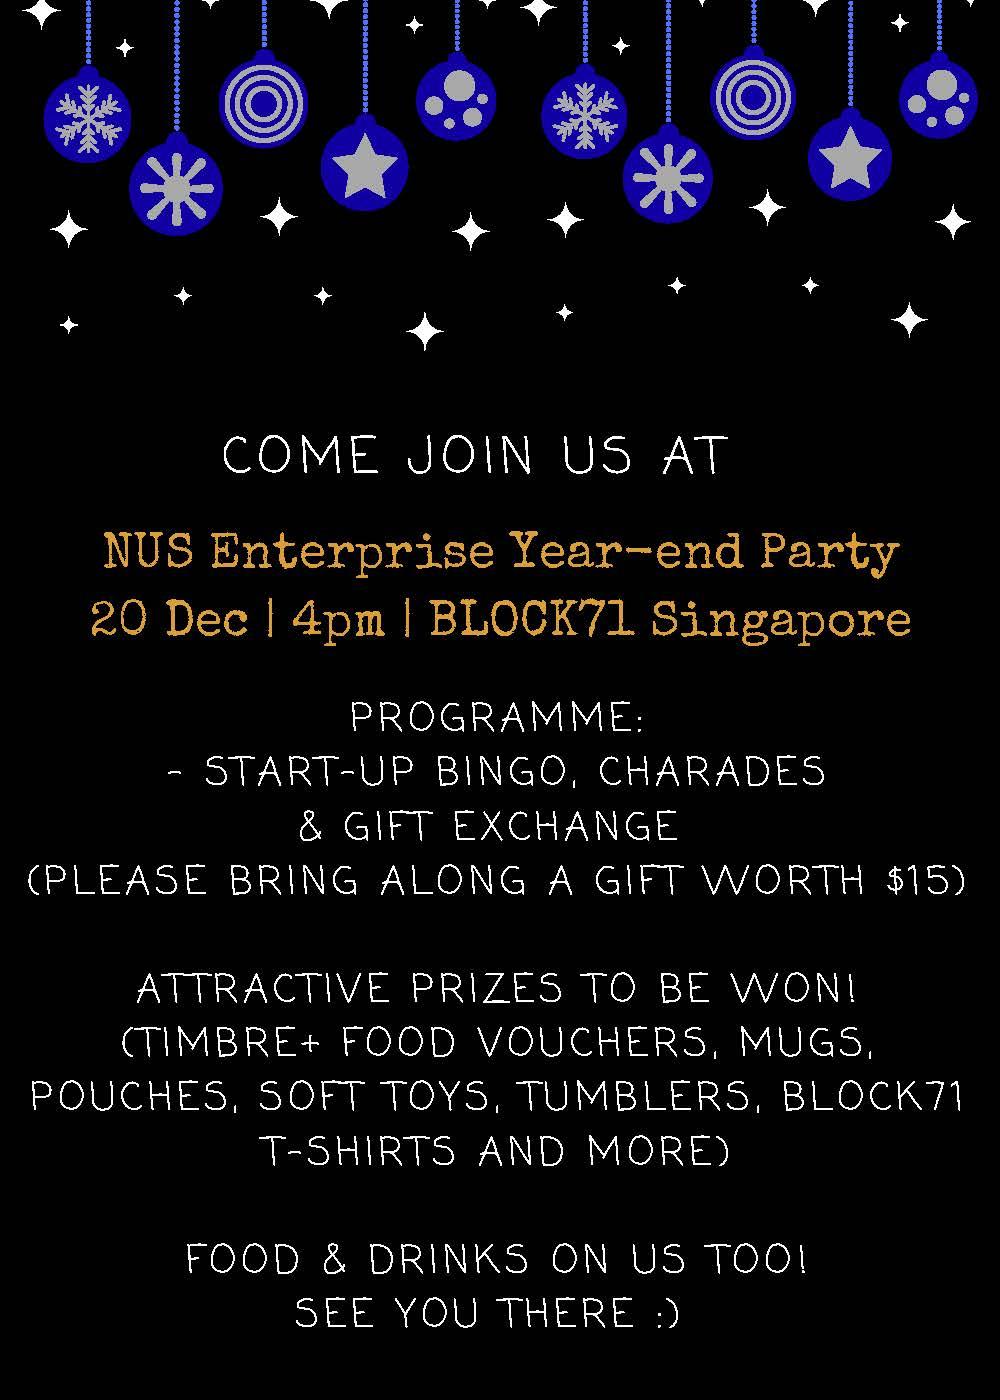 Nus Enterprise Year End Party 2017 Registration Singapore